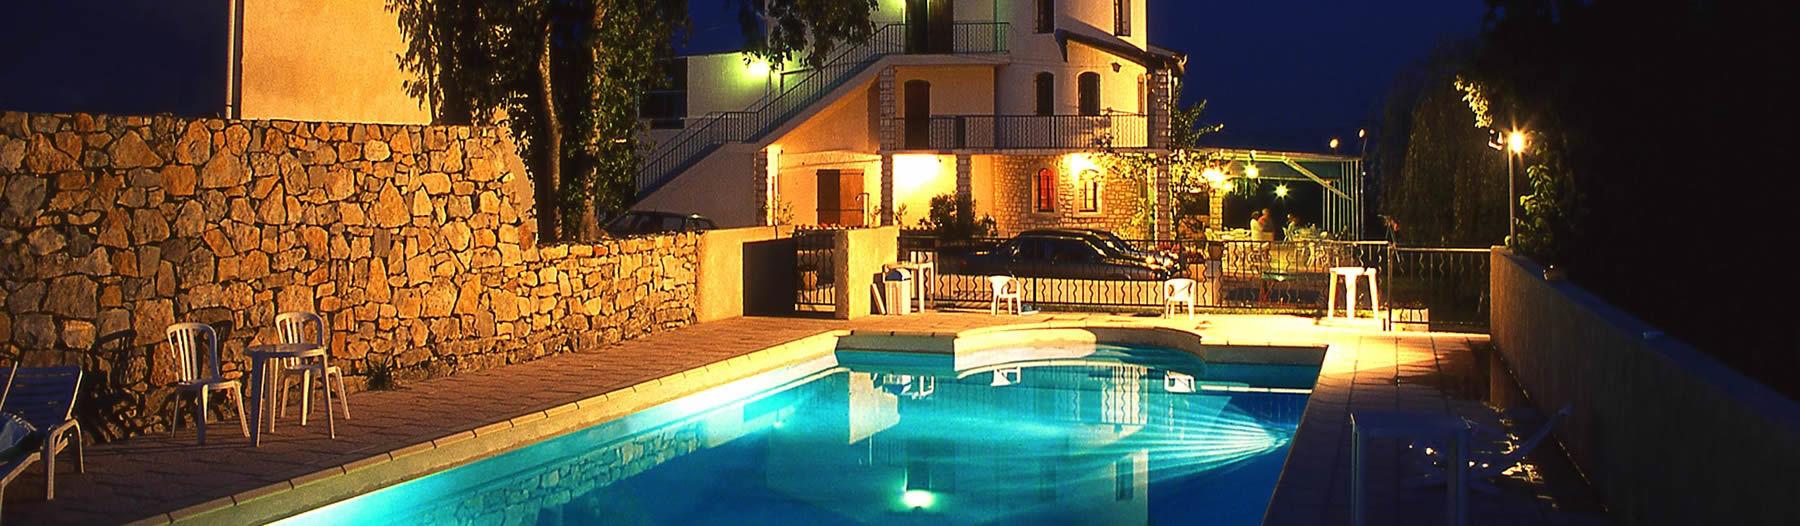 Hotel 3 Etoiles Ardeche : Réserver Un Hôtel 3 Étoiles En ... intérieur Hotel Ardeche Avec Piscine